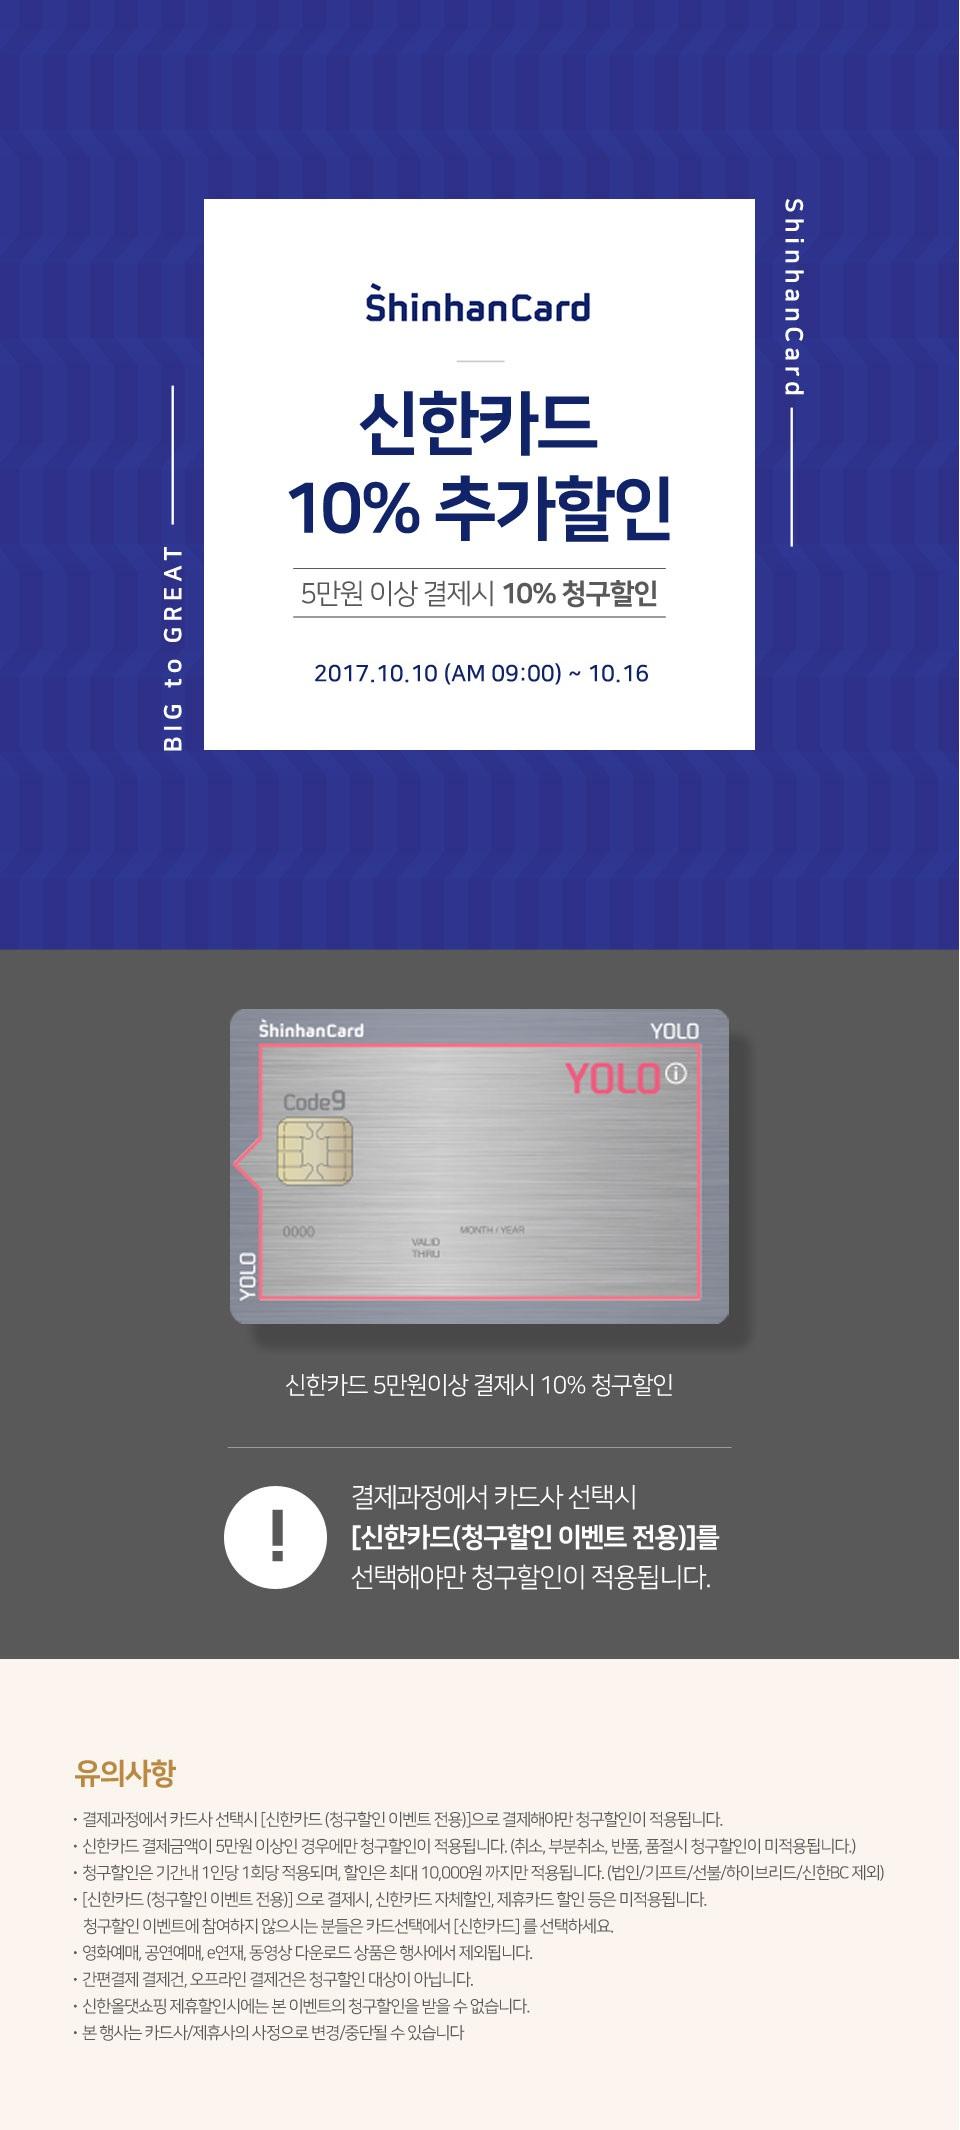 신한카드 10% 청구할인 이벤트